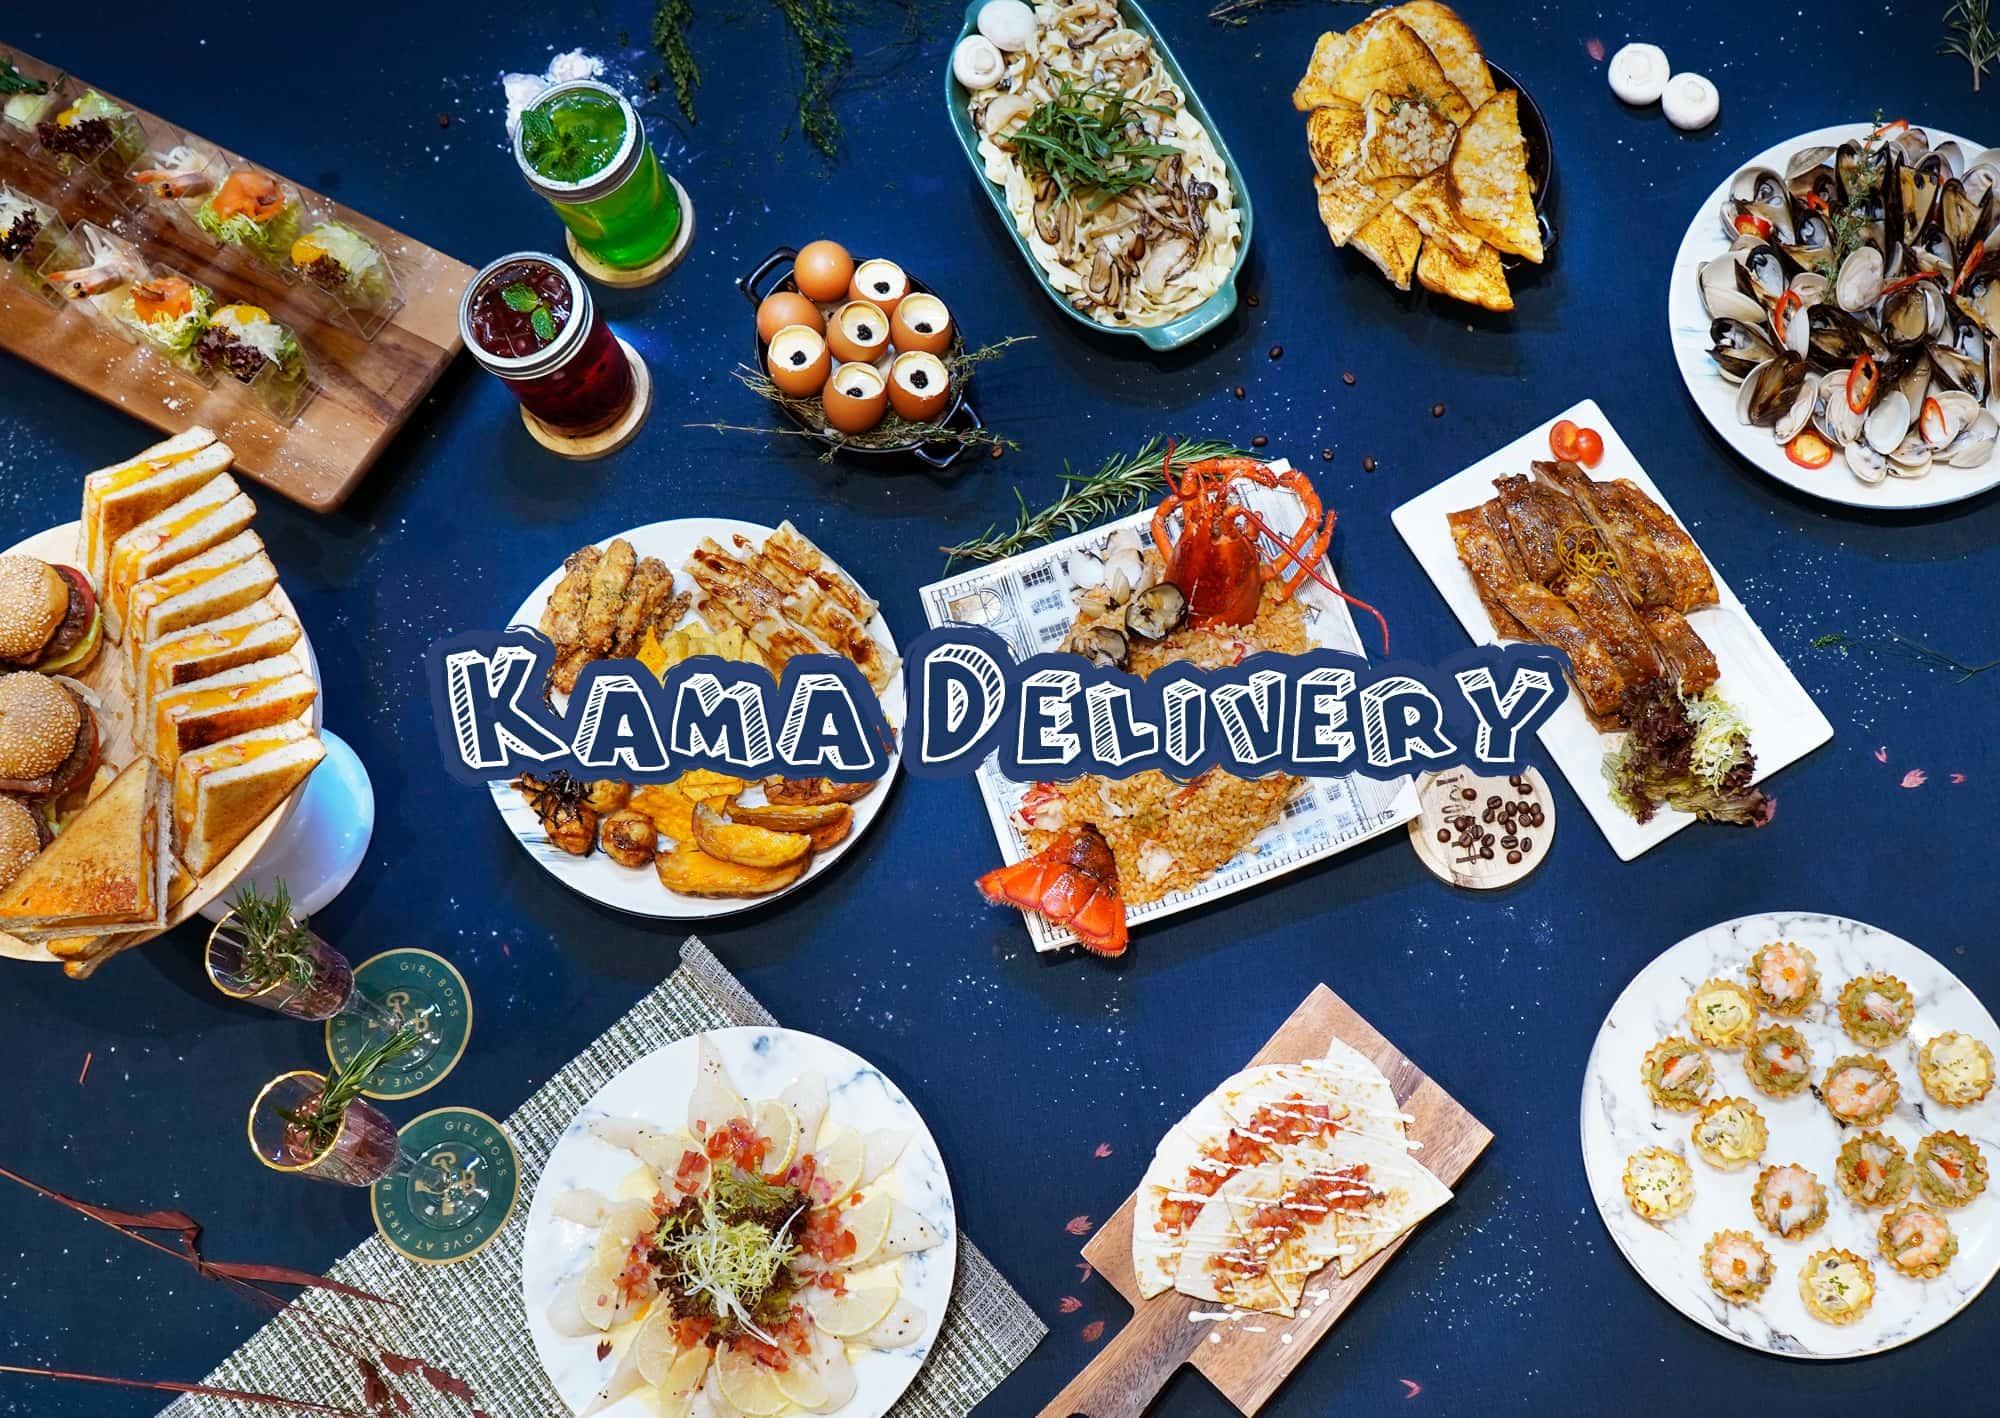 Kama Delivery葵涌外賣速遞 直送葵涌住宅、工廈、商廈、辦公室等地方 即享免運費優惠